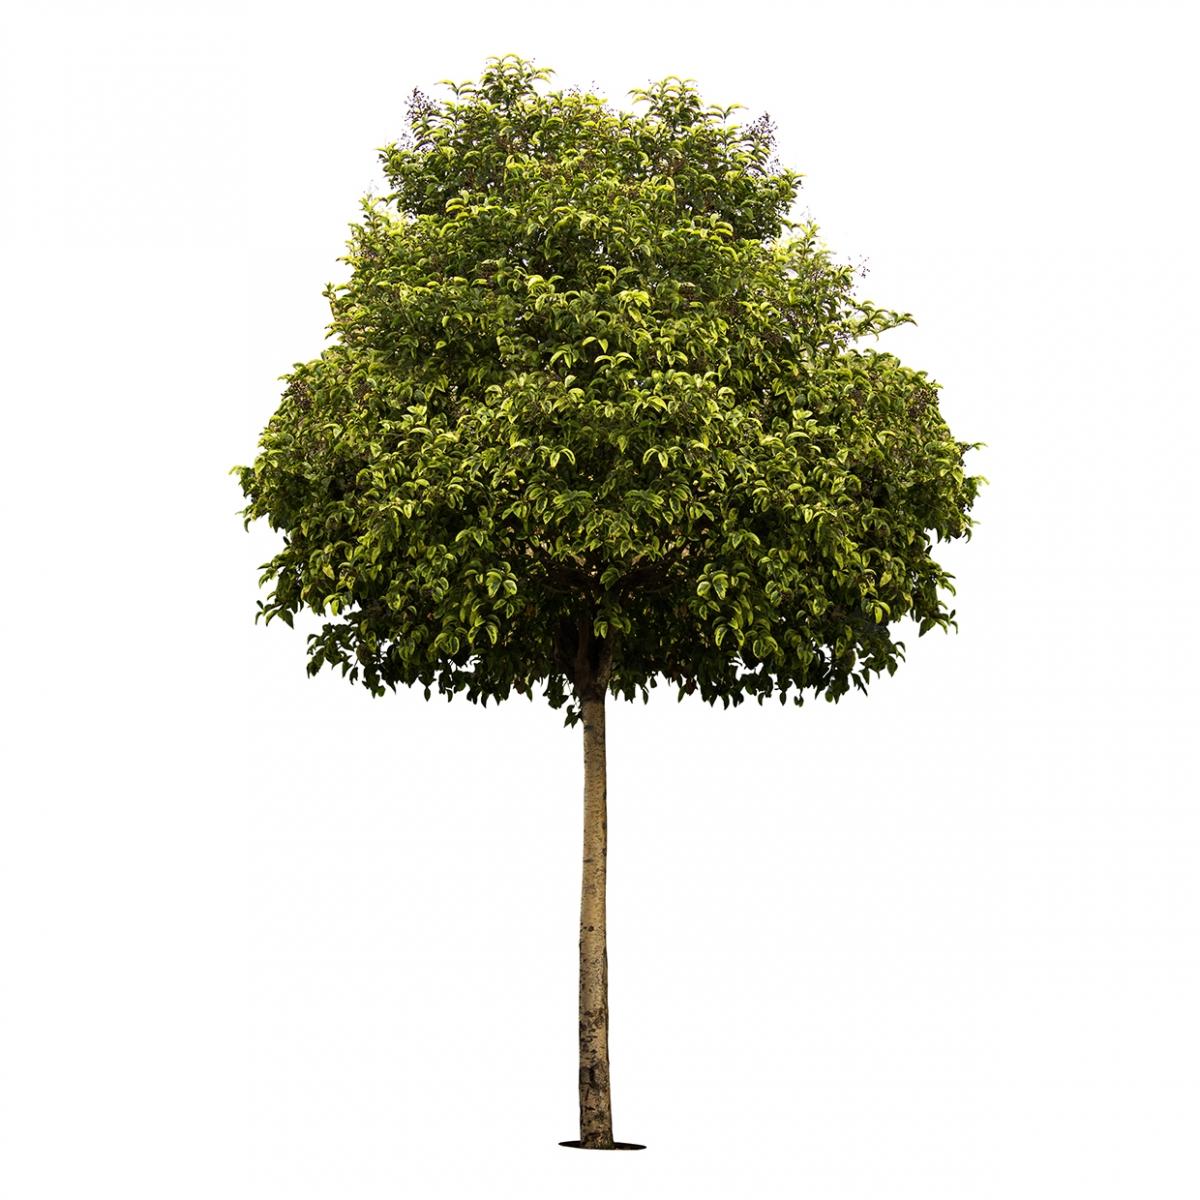 Imagen en la que se ve un árbol